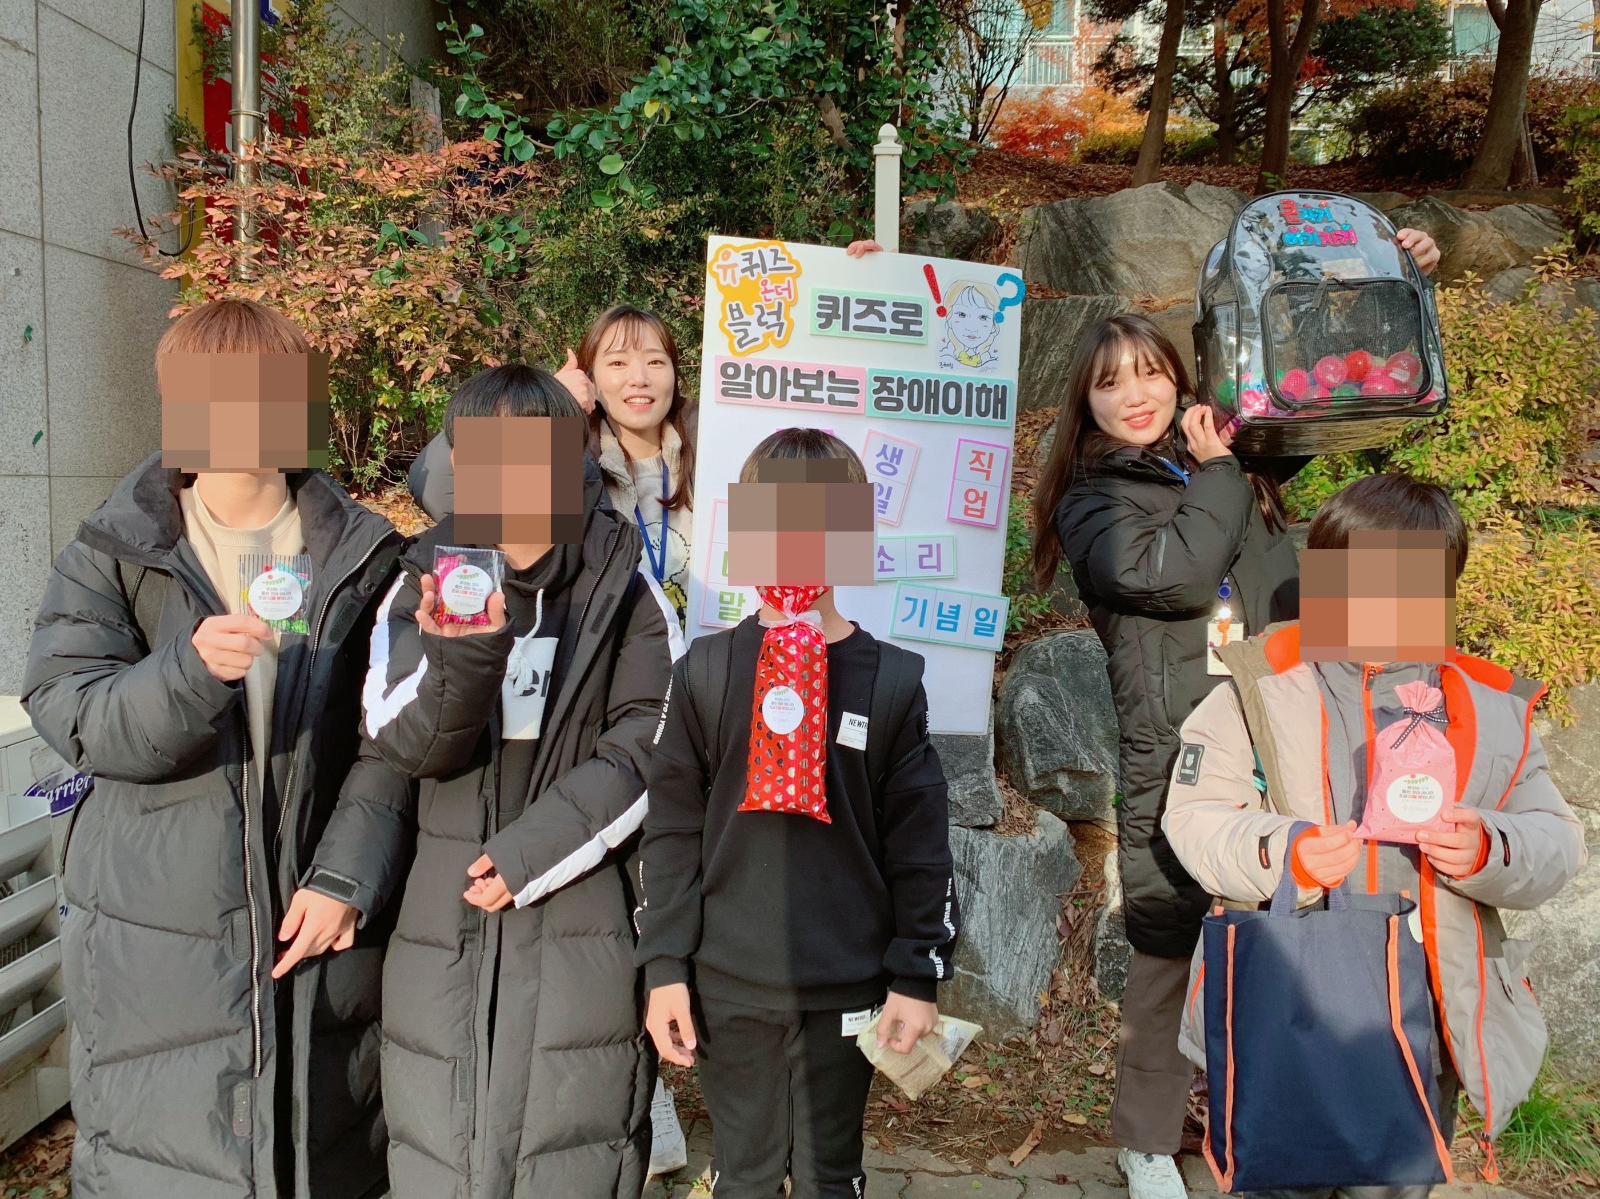 정답을 맞춘 4명의 남학생과 담당직원의 모습이 담긴 사진이며, 초등학생들의 얼굴은 모자이크 처리가 되어 있다.